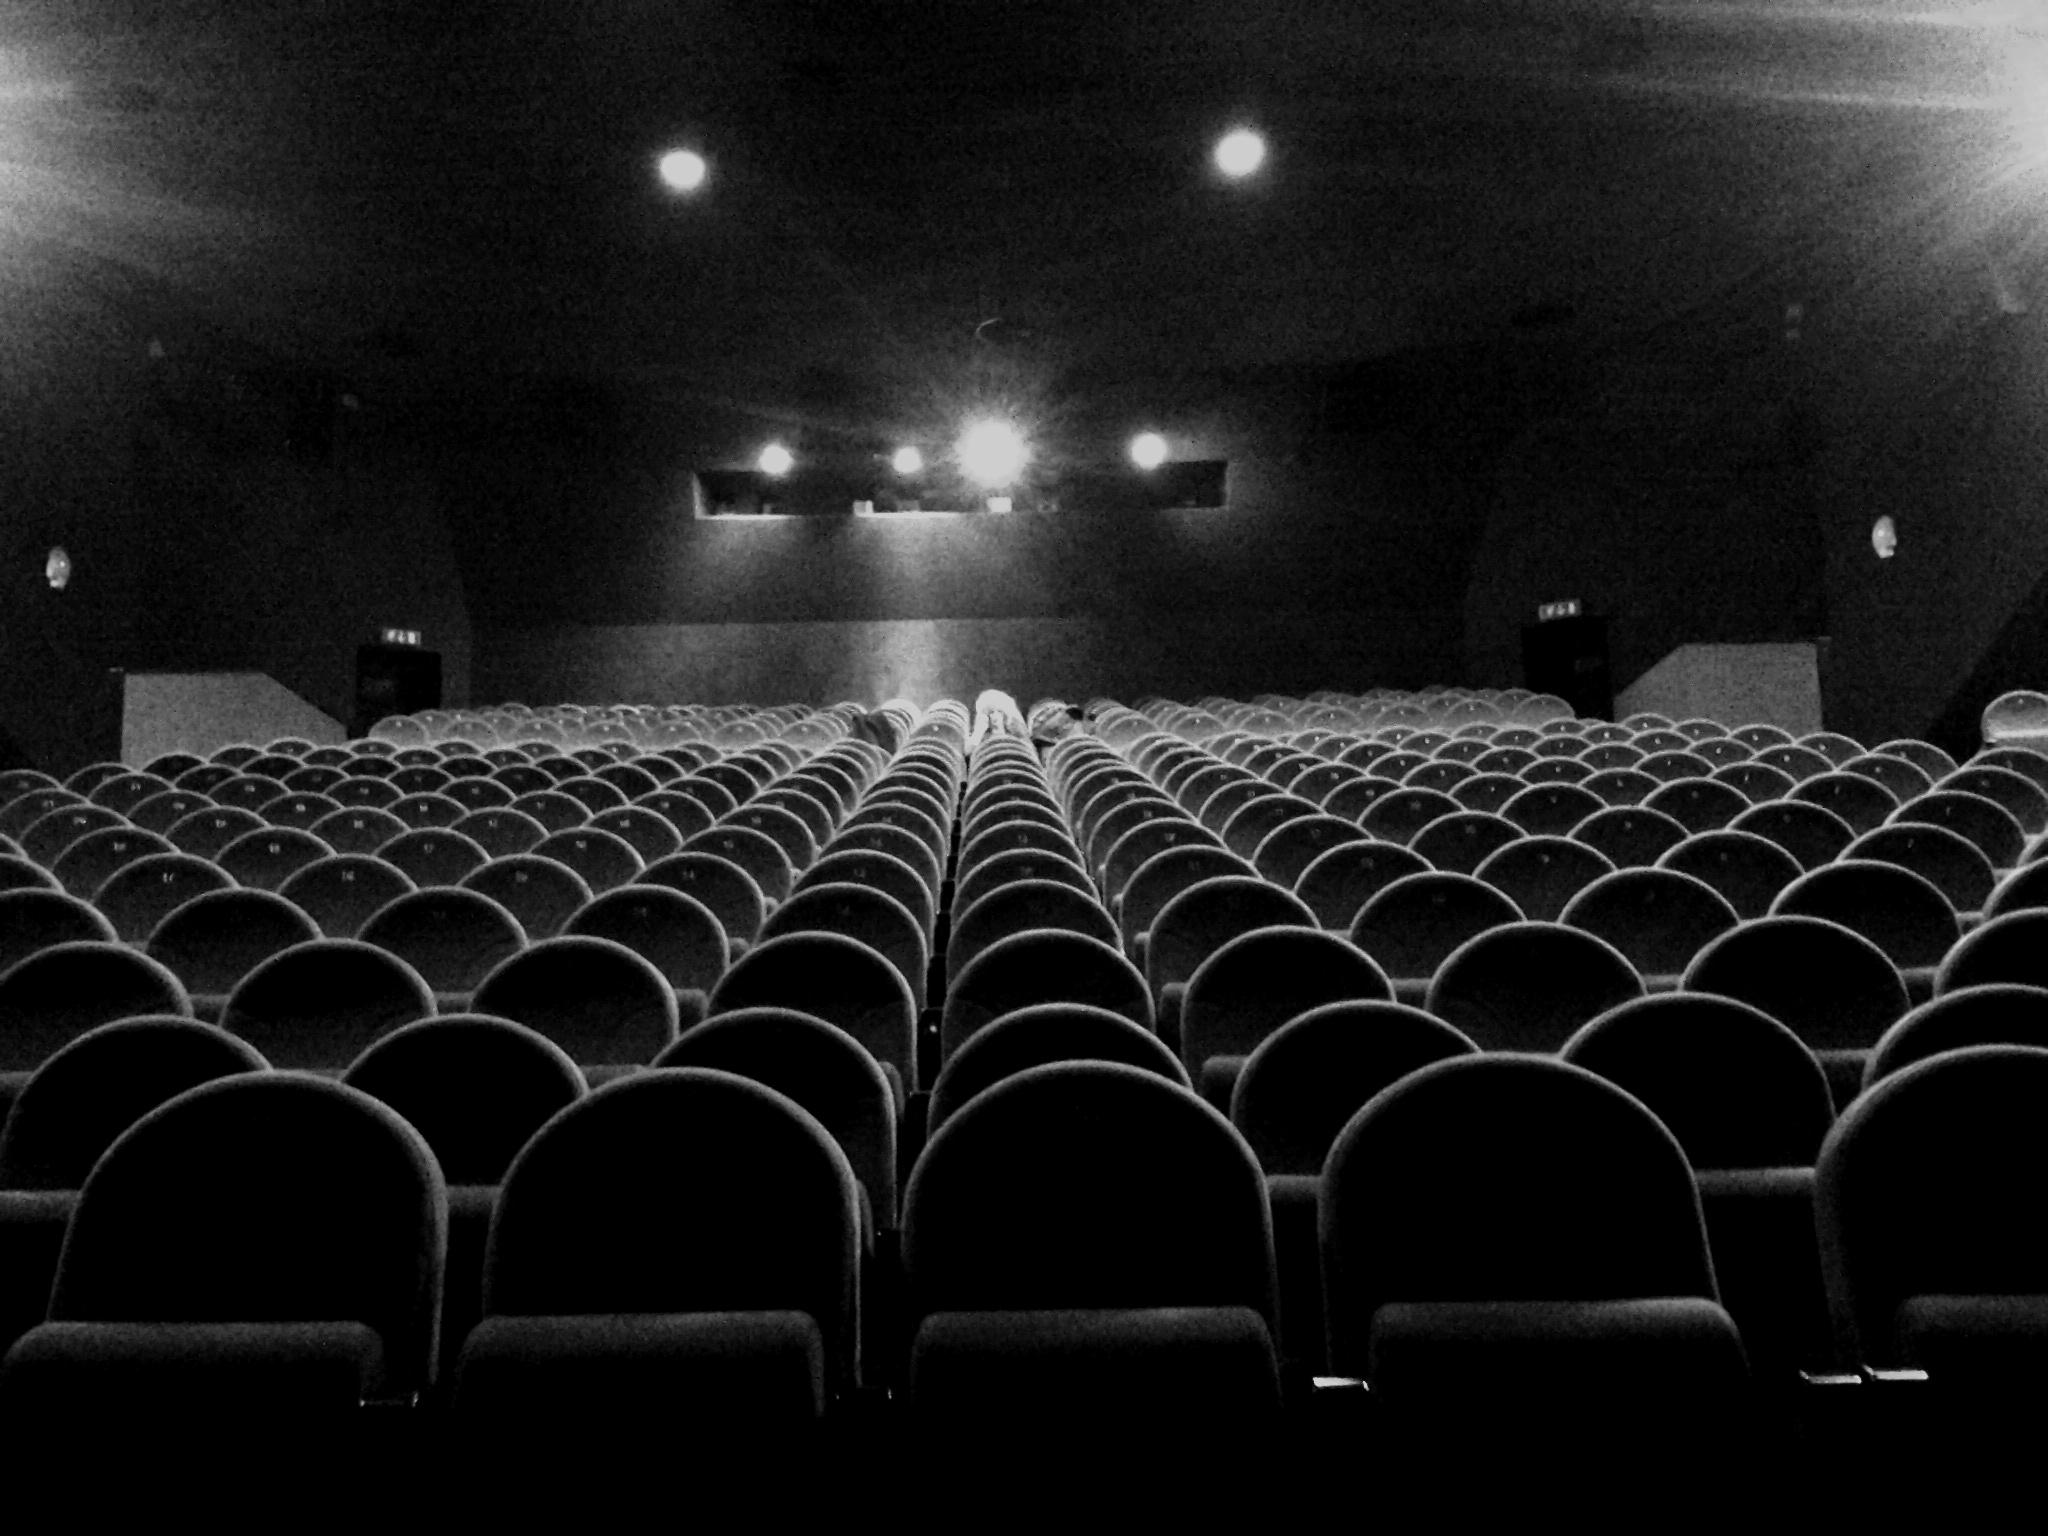 Ma a te piace il Cinema oppure ti piacciono i Film?